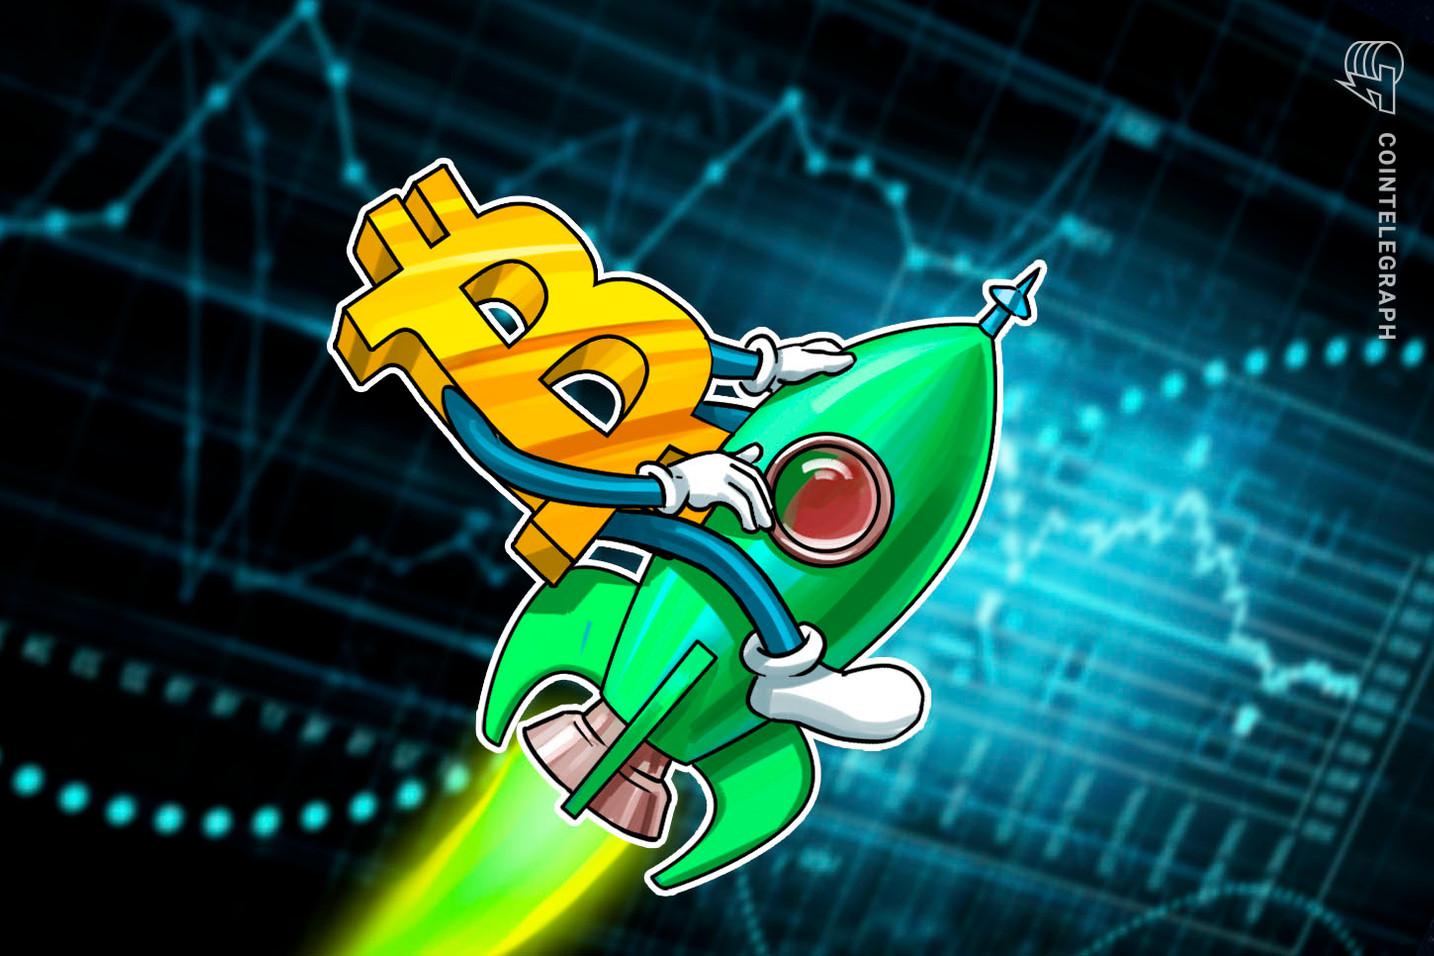 Wenn Bitcoin-Kurs sechsstellig wird: Stock-to-Flow-Erfinder will untertauchen